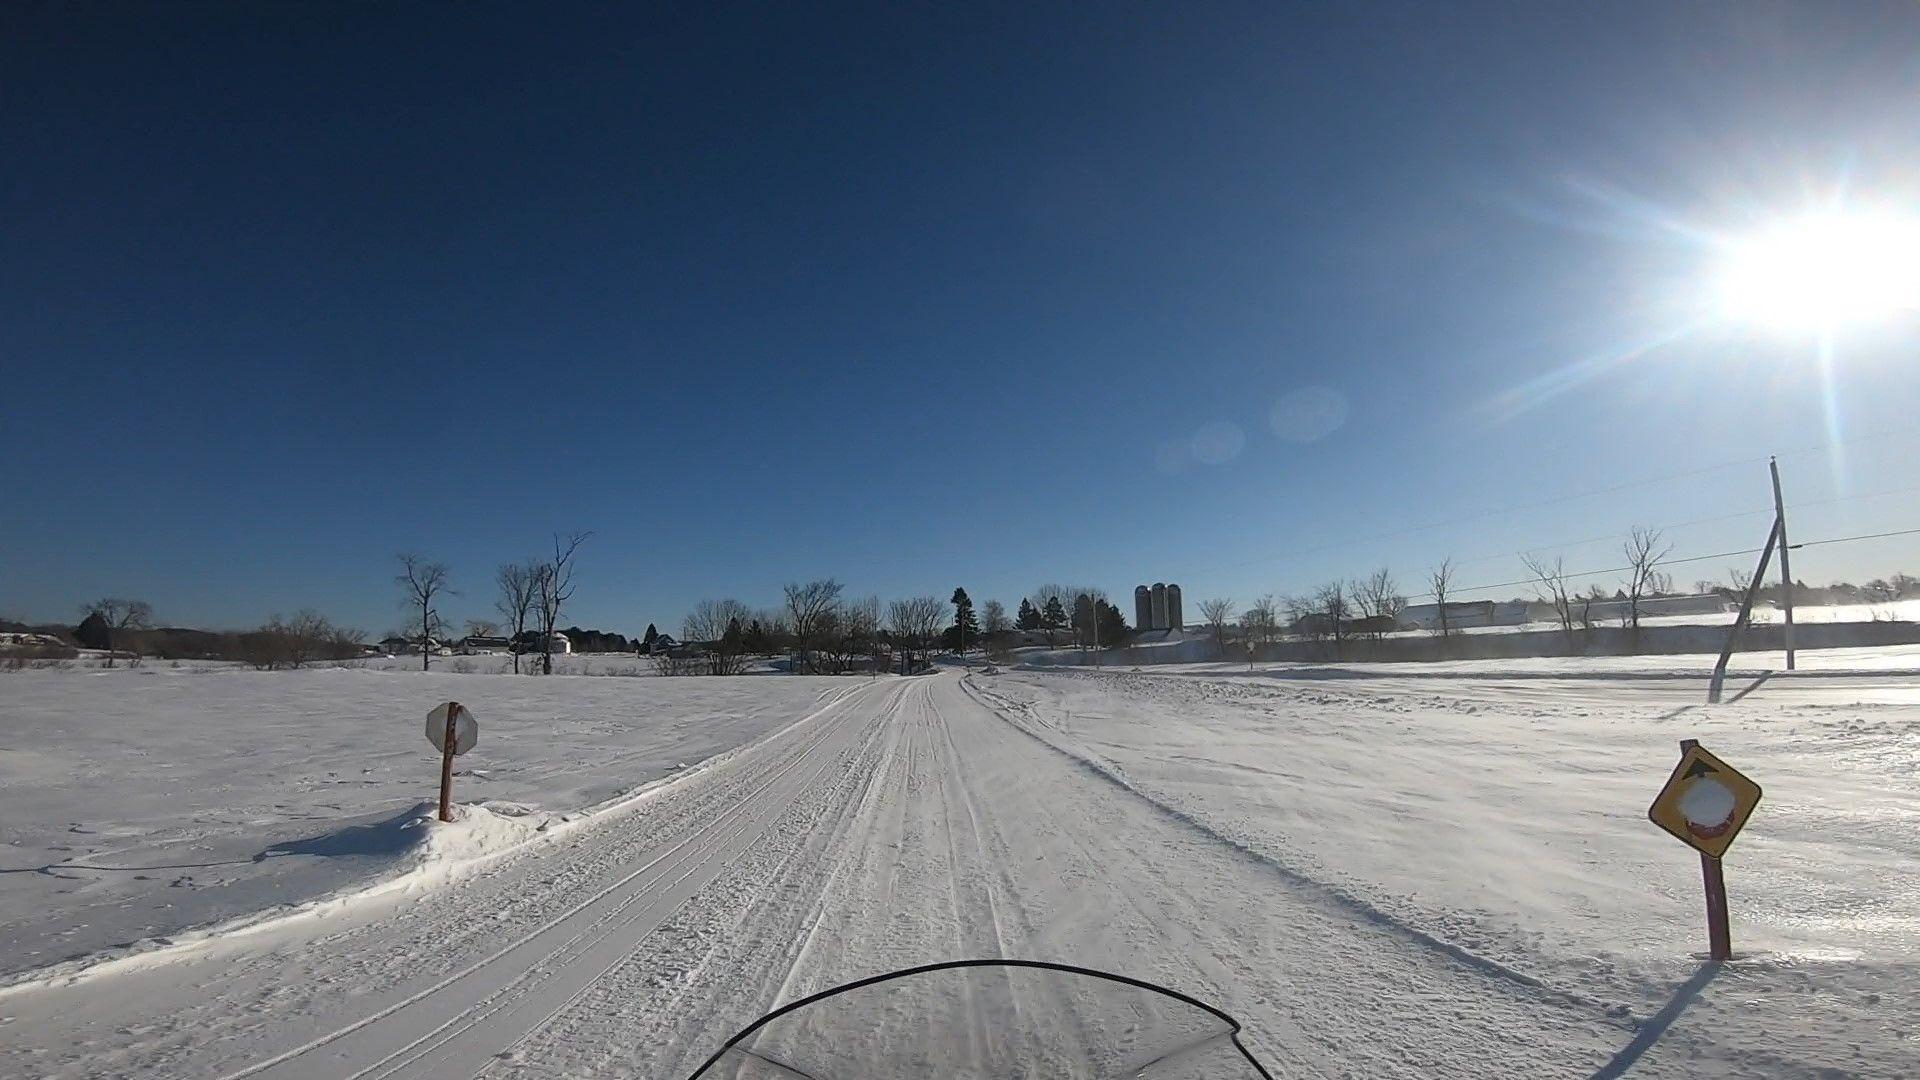 Joliette/Grand-Mère/Rivière Mattawin/St-Zénon/Joliette le grand tour photo ride-report 9février2019 3_zpsntqehpnu